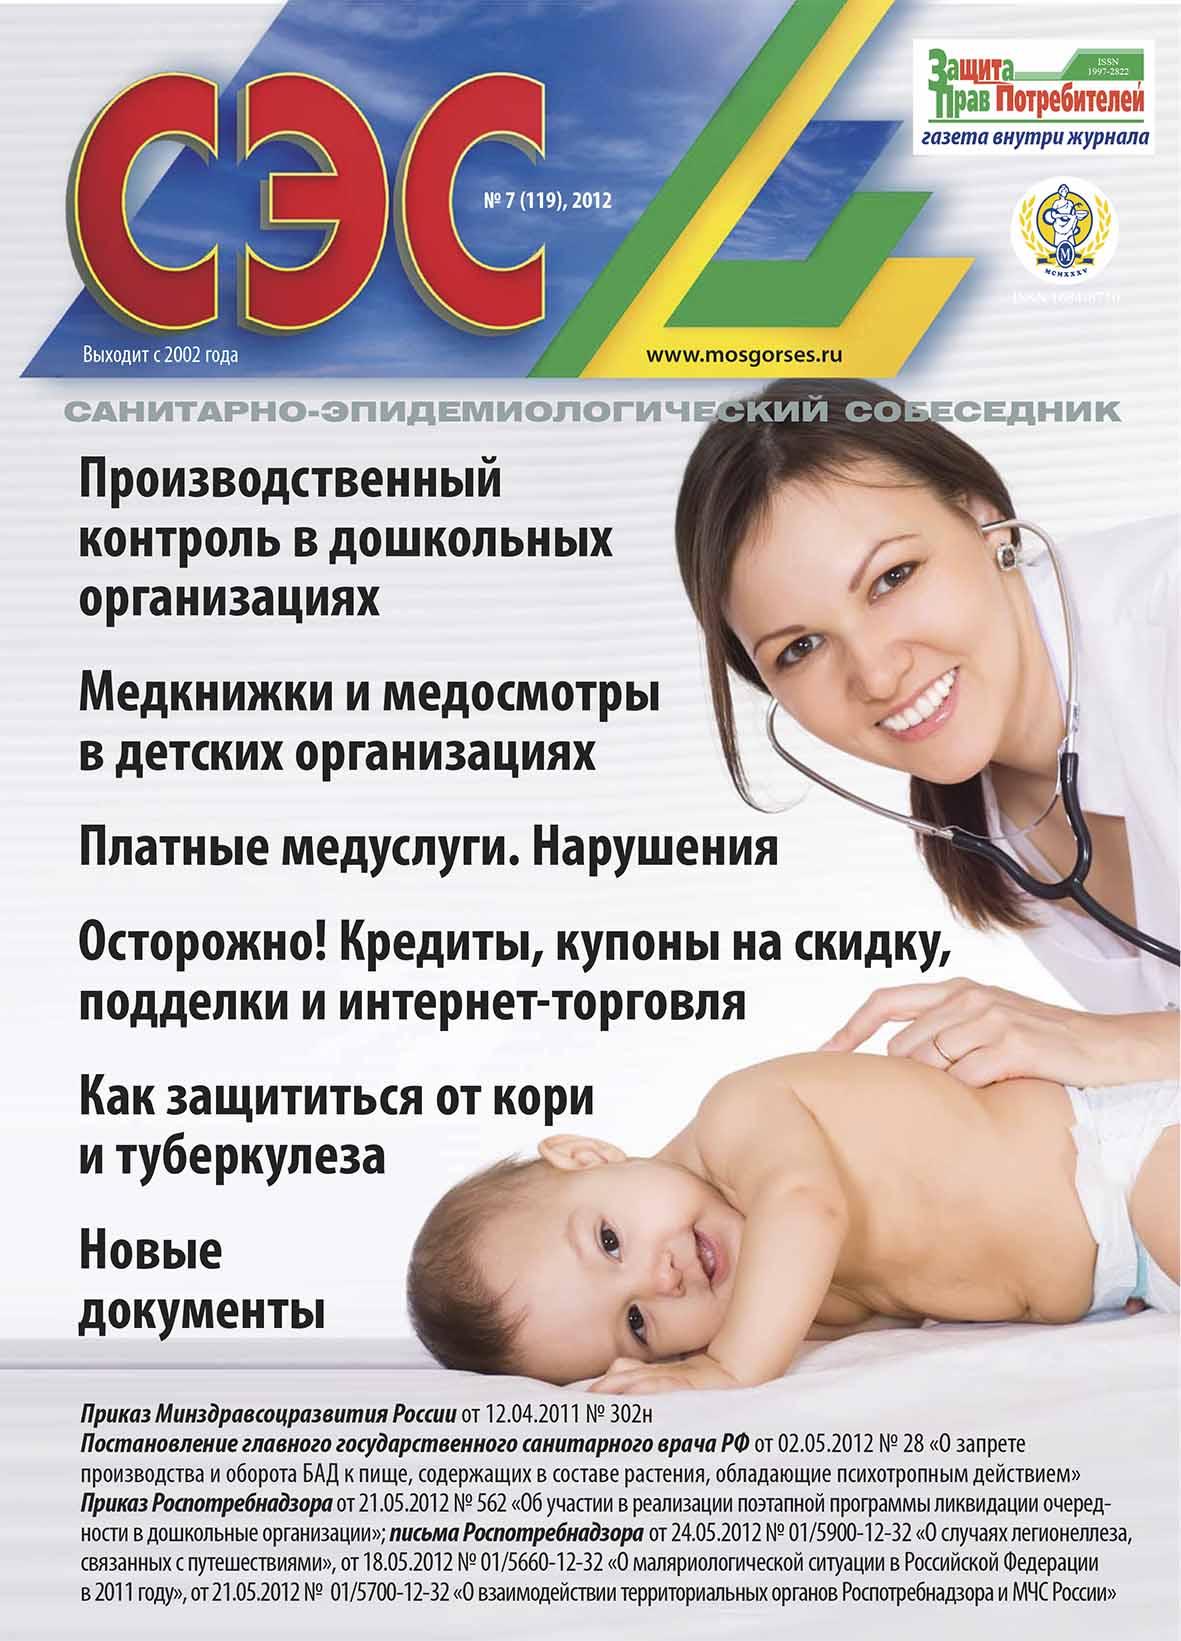 Журнал СЭС №7 2012 год